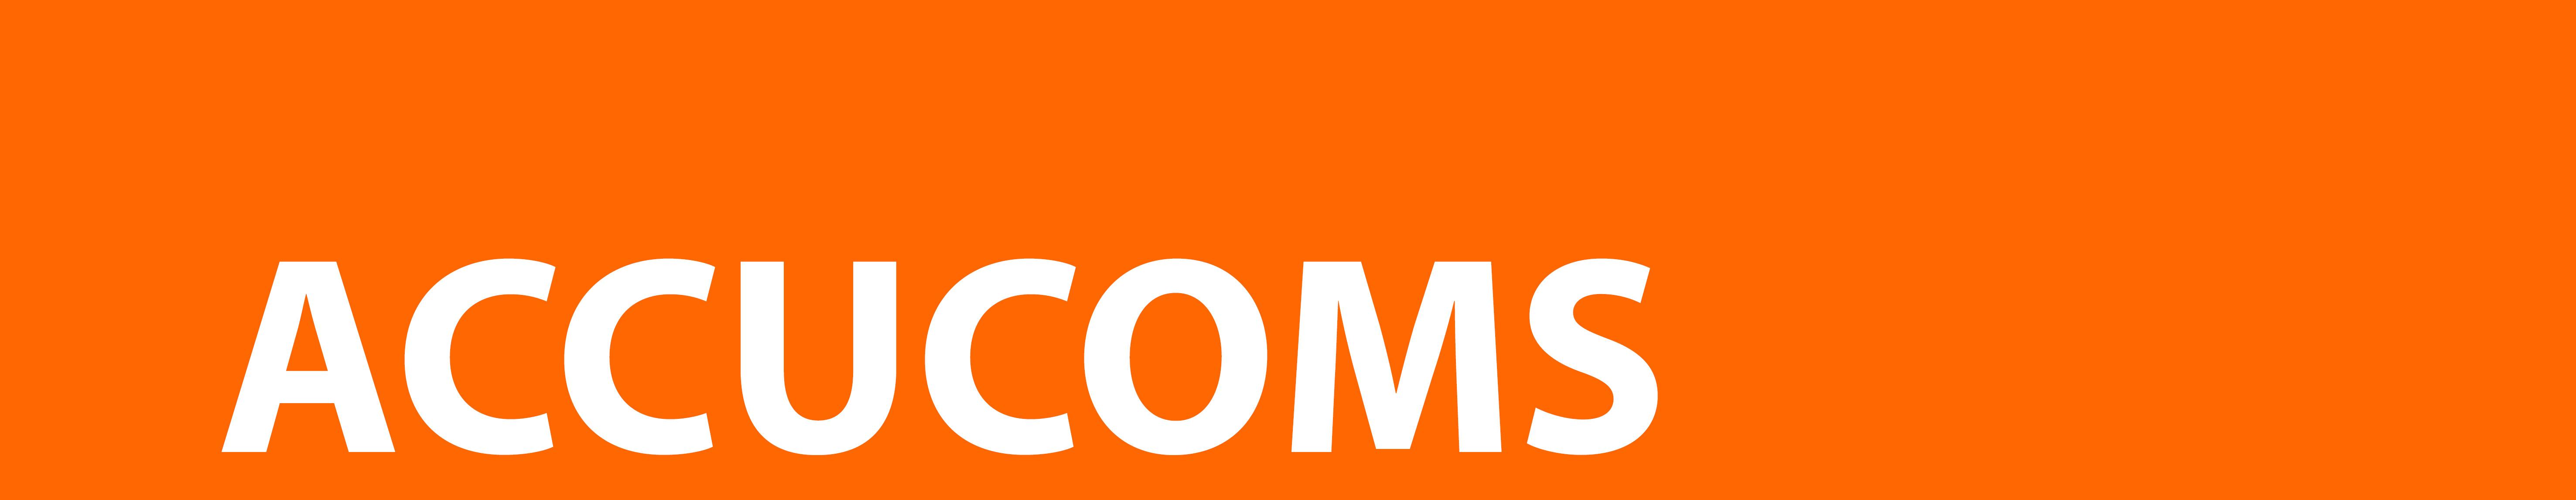 https://campaign-image.com/zohocampaigns/175727000030342177_1_res300dpi.jpg